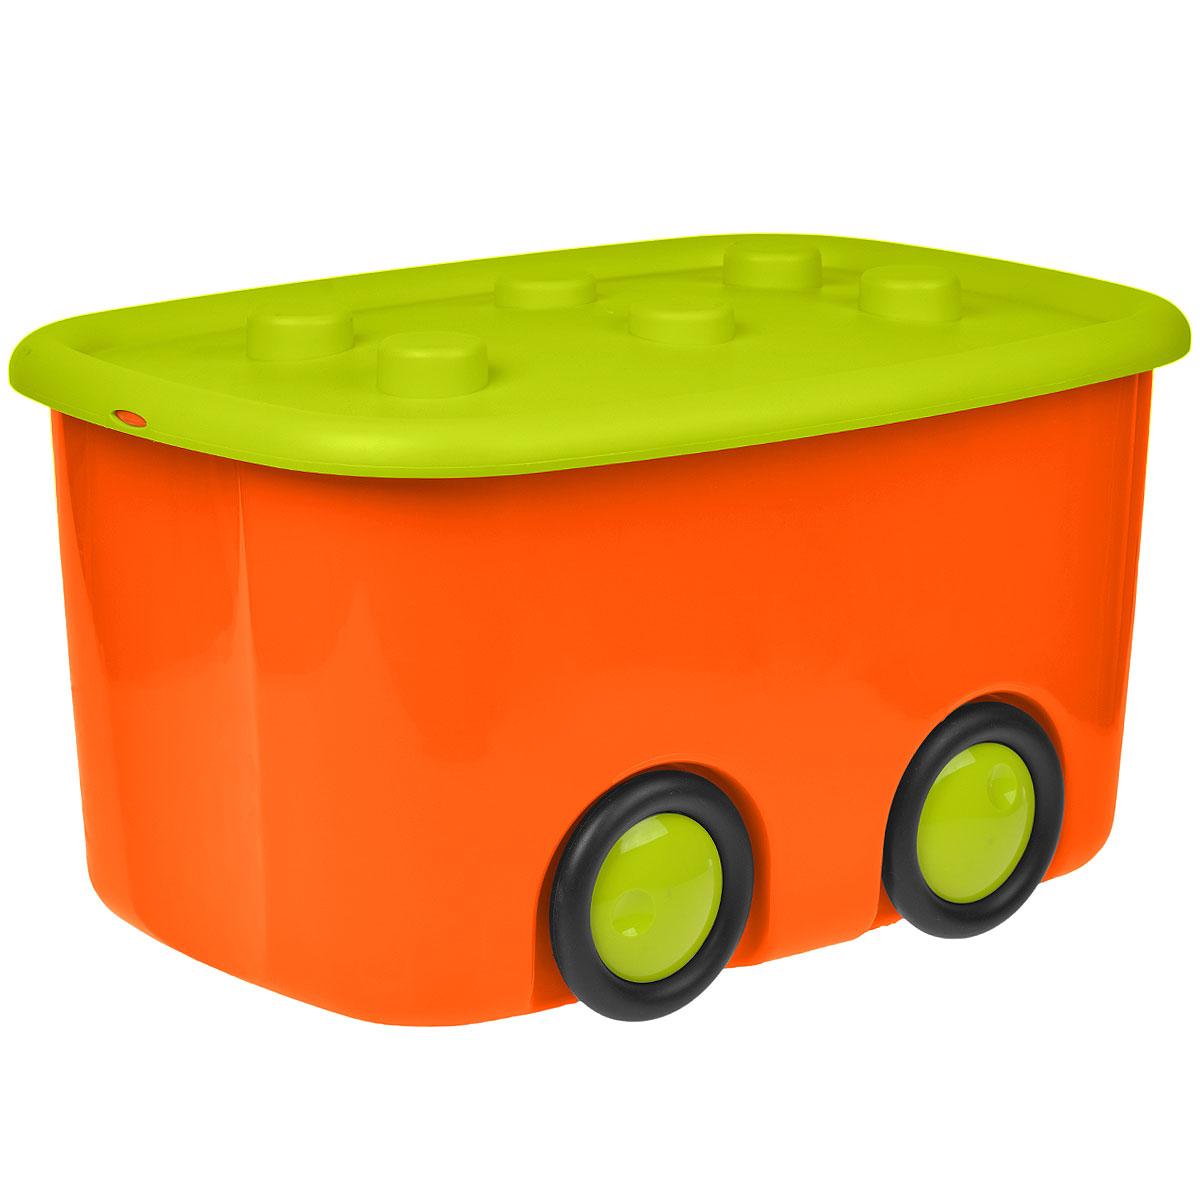 Ящик для игрушек Моби, цвет: оранжевый, салатовый, 51 см х 41 см х 32 см1004900000360Ящик для игрушек Моби изготовлен из яркого полипропилена. В нем можно удобно и компактно хранить белье, одежду, обувь или игрушки. Ящик оснащен плотно закрывающей крышкой, которая защищает вещи от пыли, грязи и влаги. Крышка дополнена шестью выступами. Ящик оснащен четырьмя колесами.Оригинальный ящик на колесах станет незаменимым для хранения игрушек, книжек и других детских принадлежностей. Он отлично впишется в детскую комнату и поможет приучить ребенка к порядку.